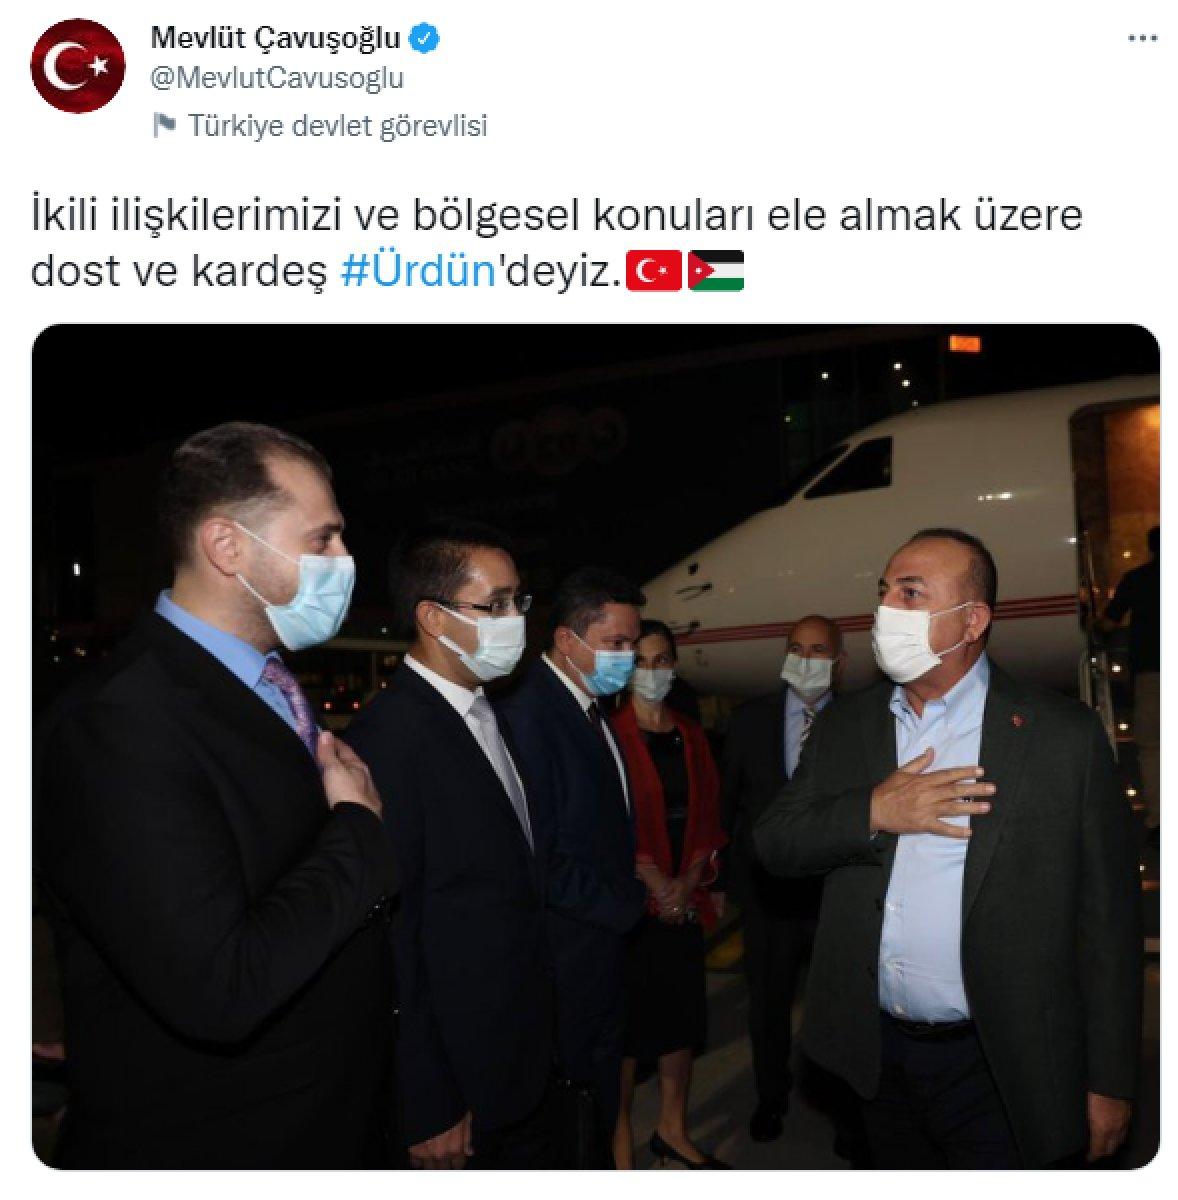 Dışişleri Bakanı Mevlüt Çavuşoğlu Ürdün de #1